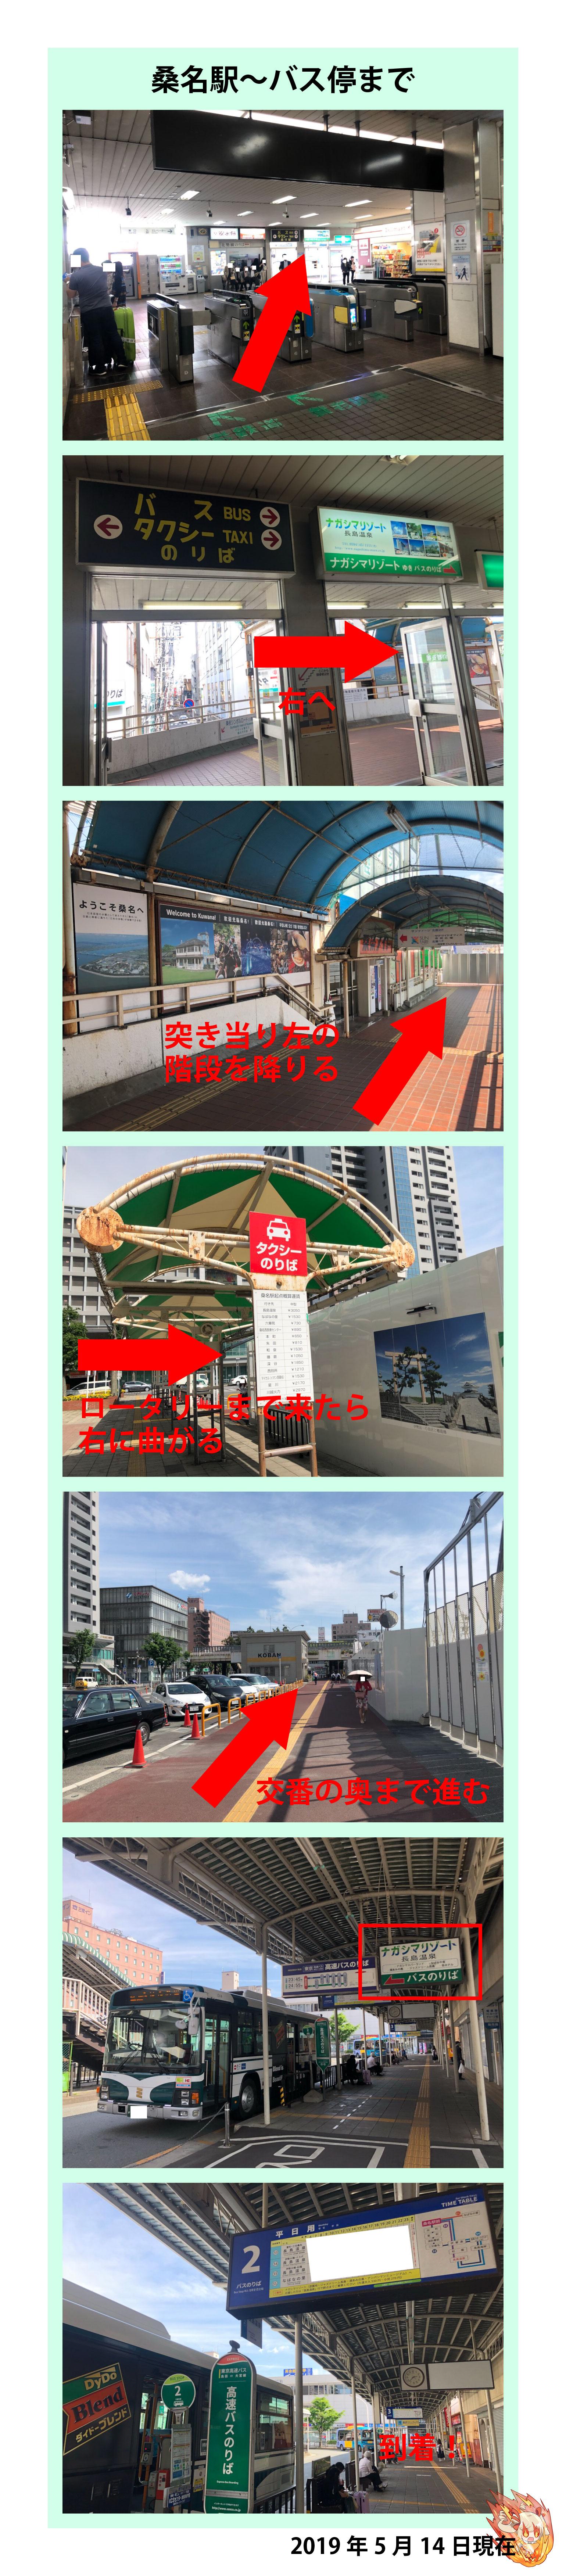 桑名駅からバス停までの道のりを写真付きでご紹介